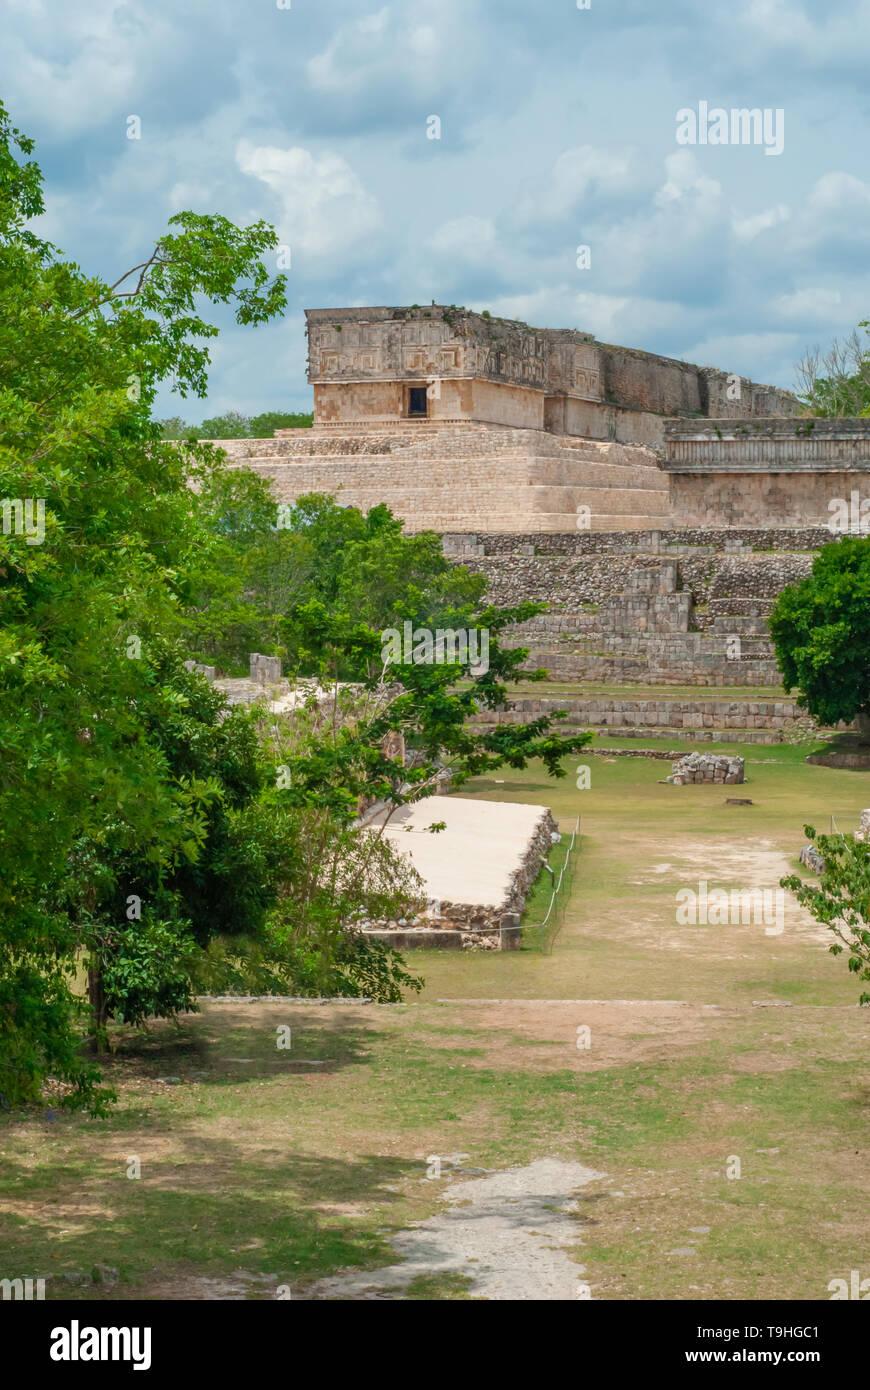 Ek Balam archaeological area, in the Yucatan peninsula - Stock Image